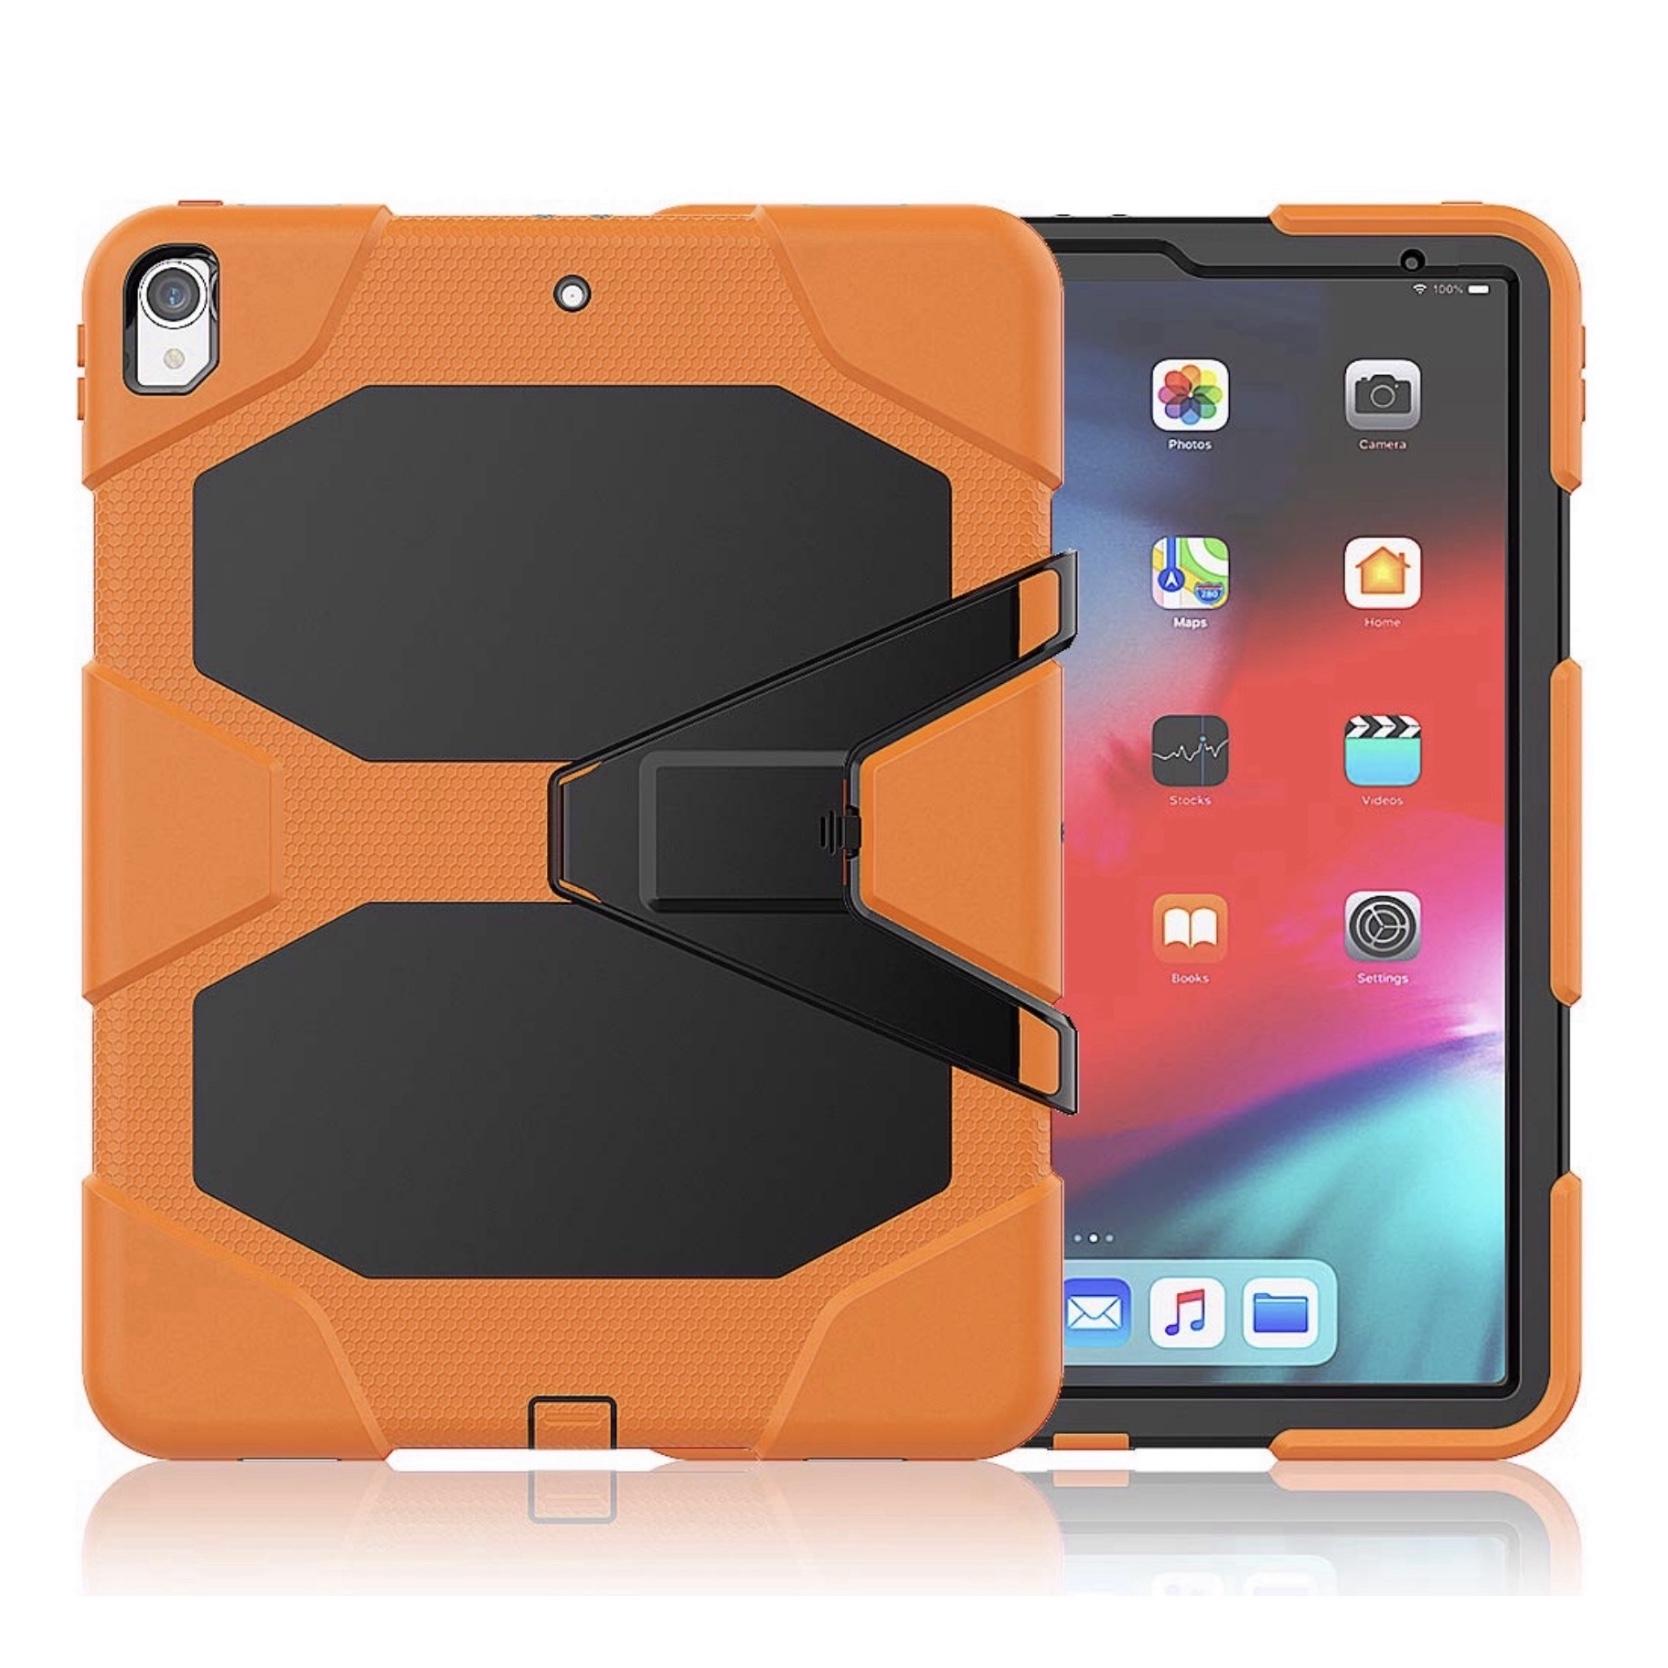 iPAD PRO 11 pouces Coque de protection renforcee Vegas incluant film rigide de protection ecran